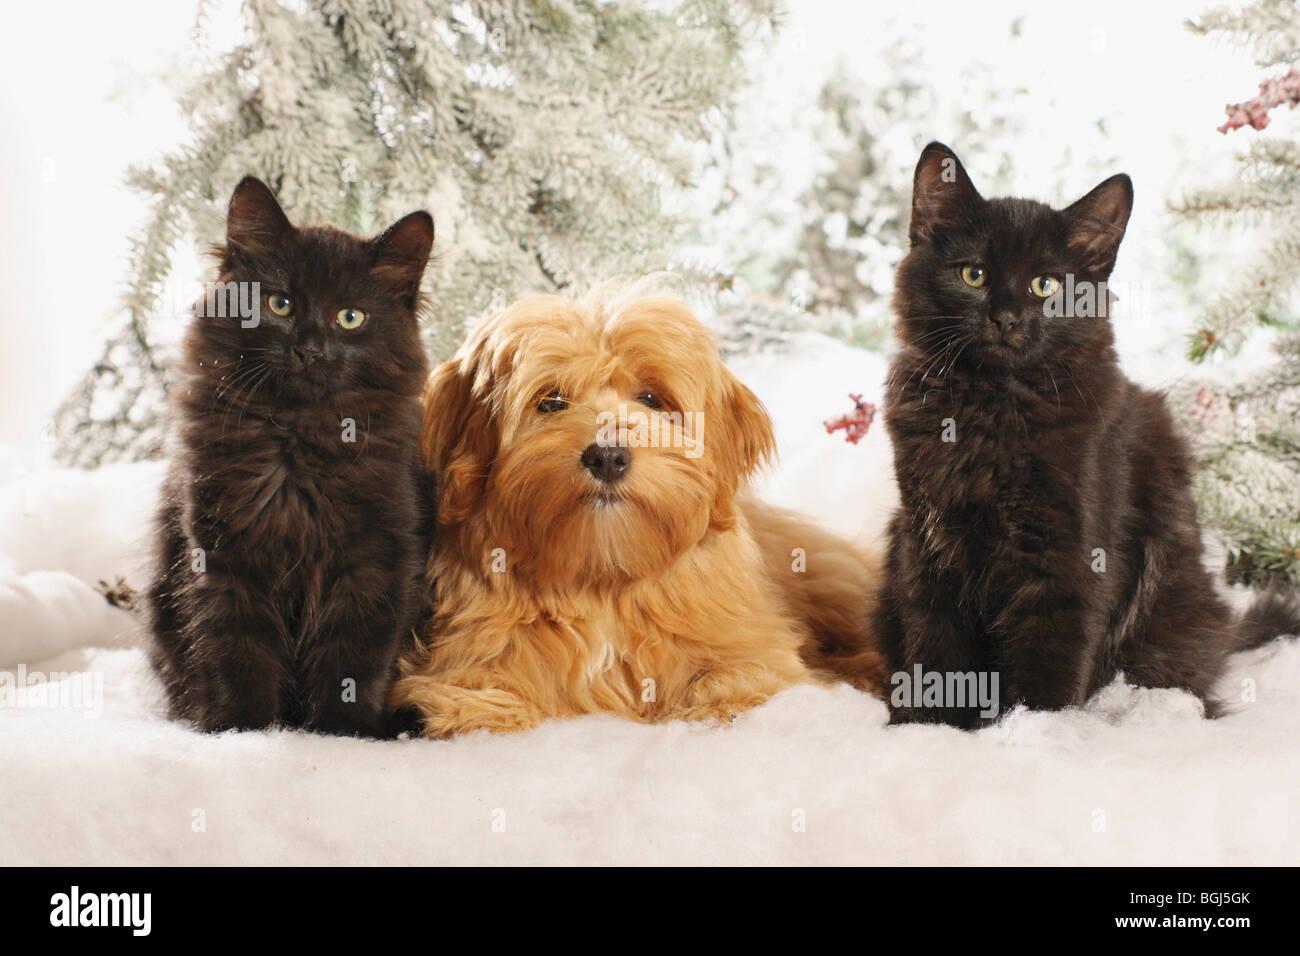 Between Dog And Cat Stock Photos & Between Dog And Cat ...